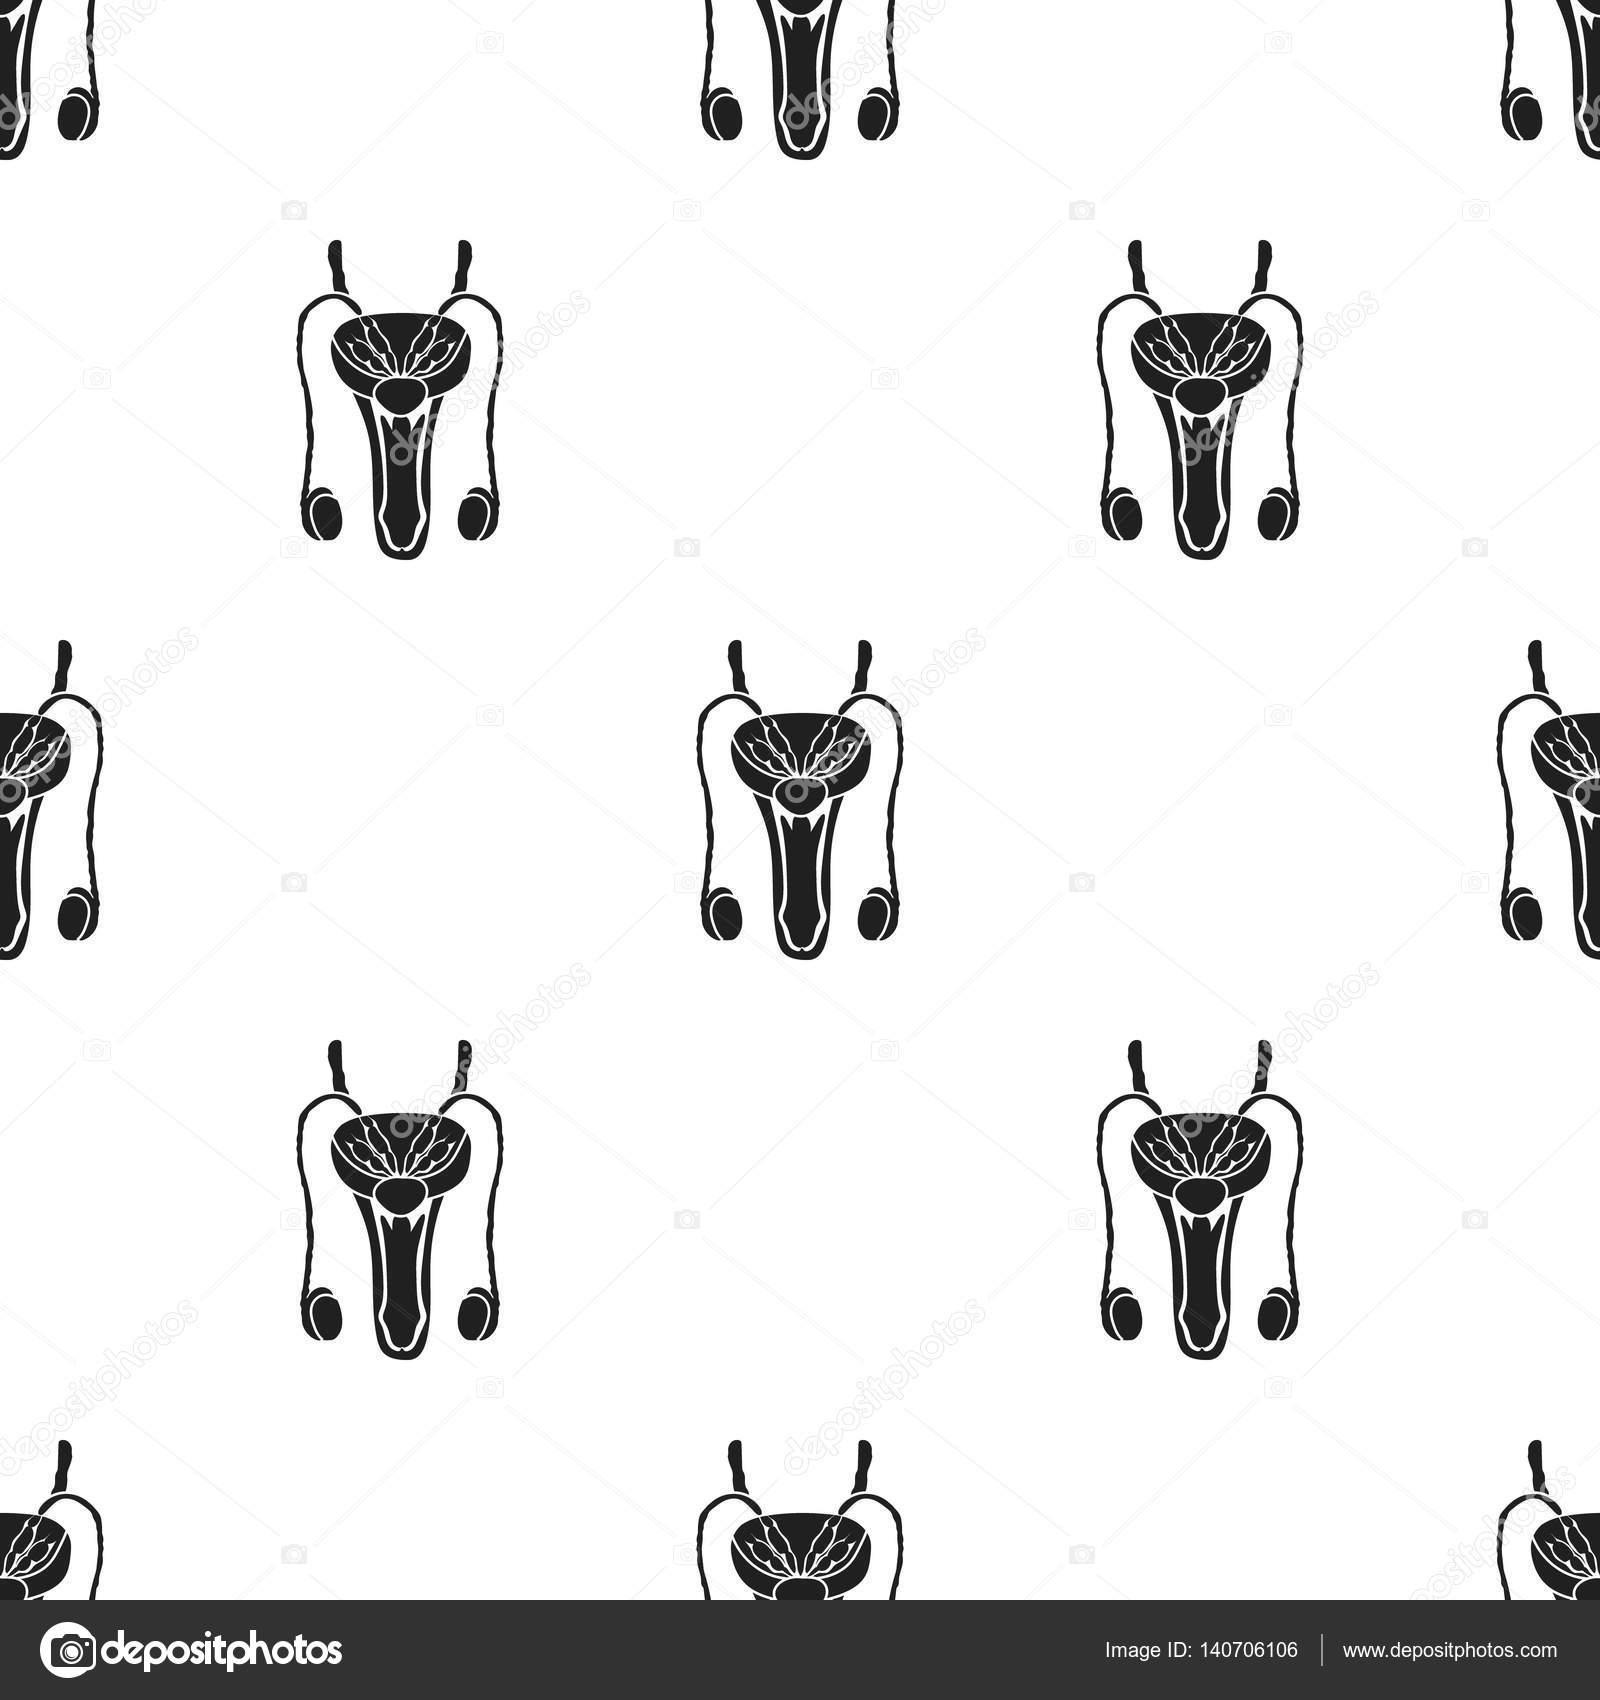 Männlichen Geschlechtsorgane Symbol im schwarzen Stil isoliert auf ...